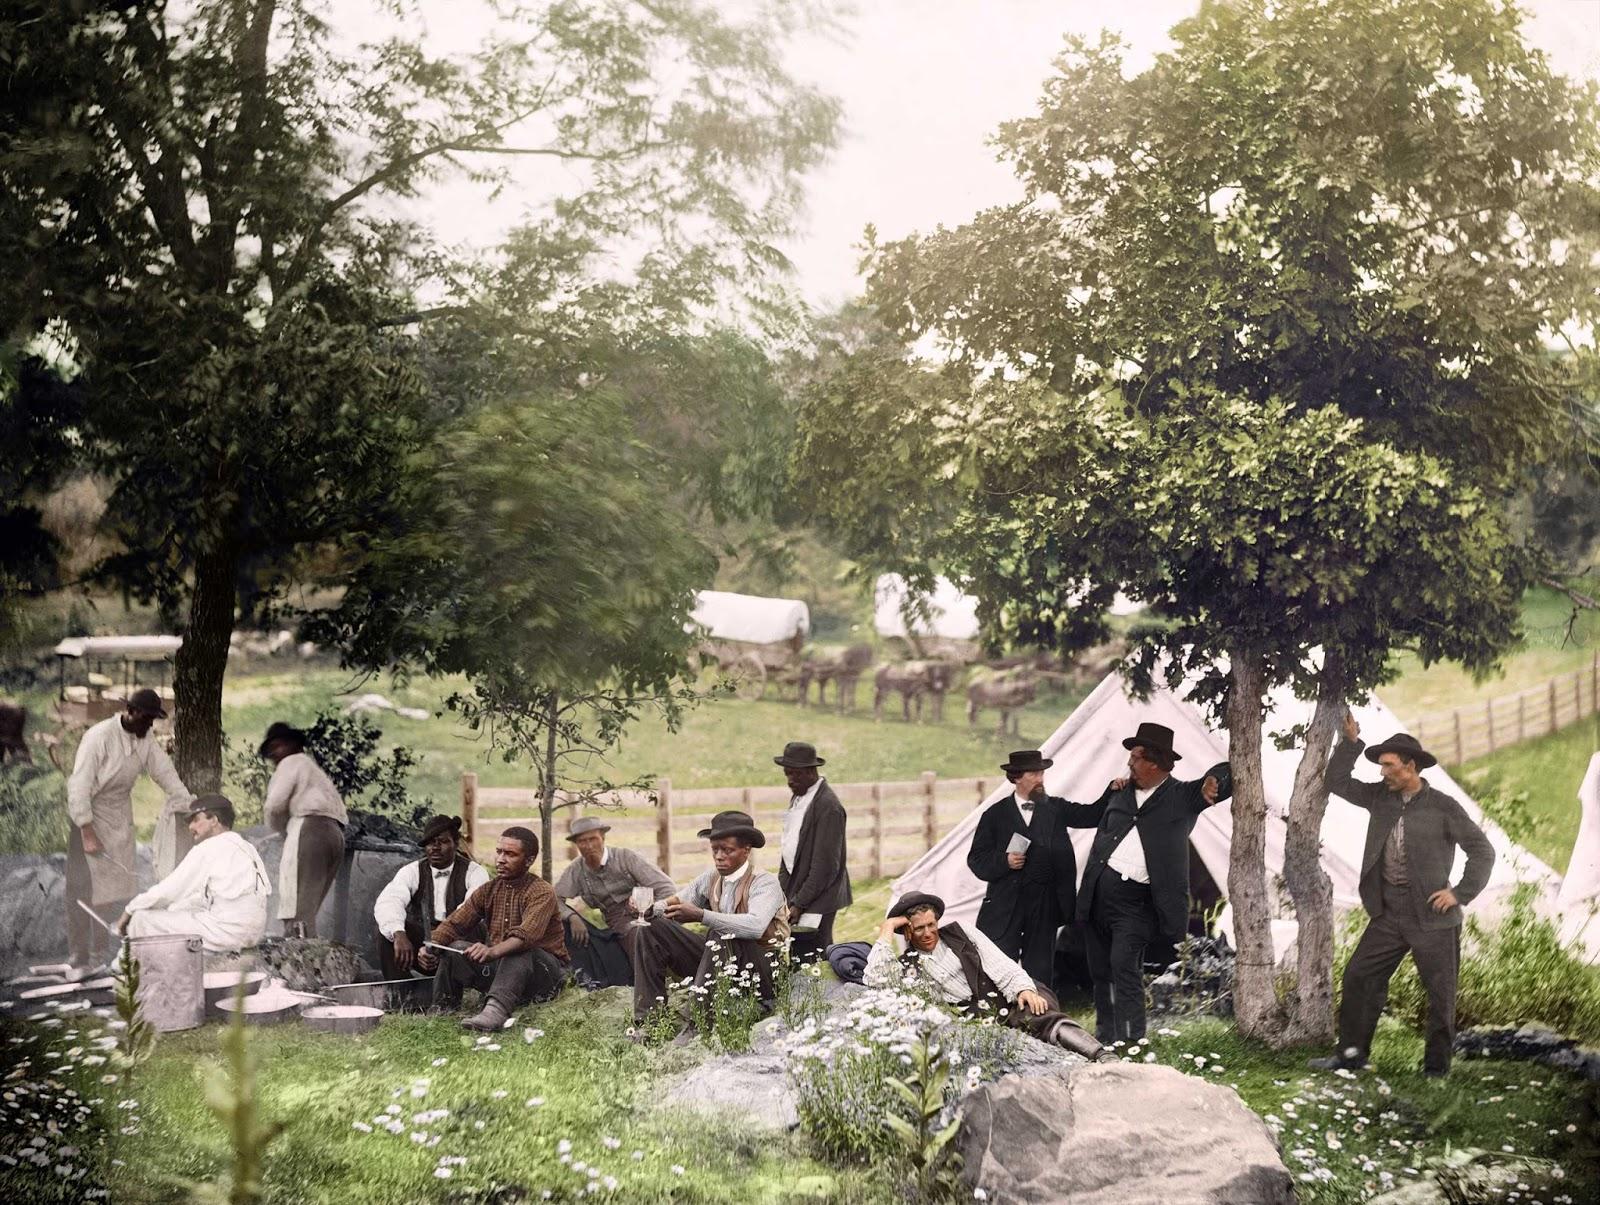 civil-war-in-color-lincoln-14.jpg